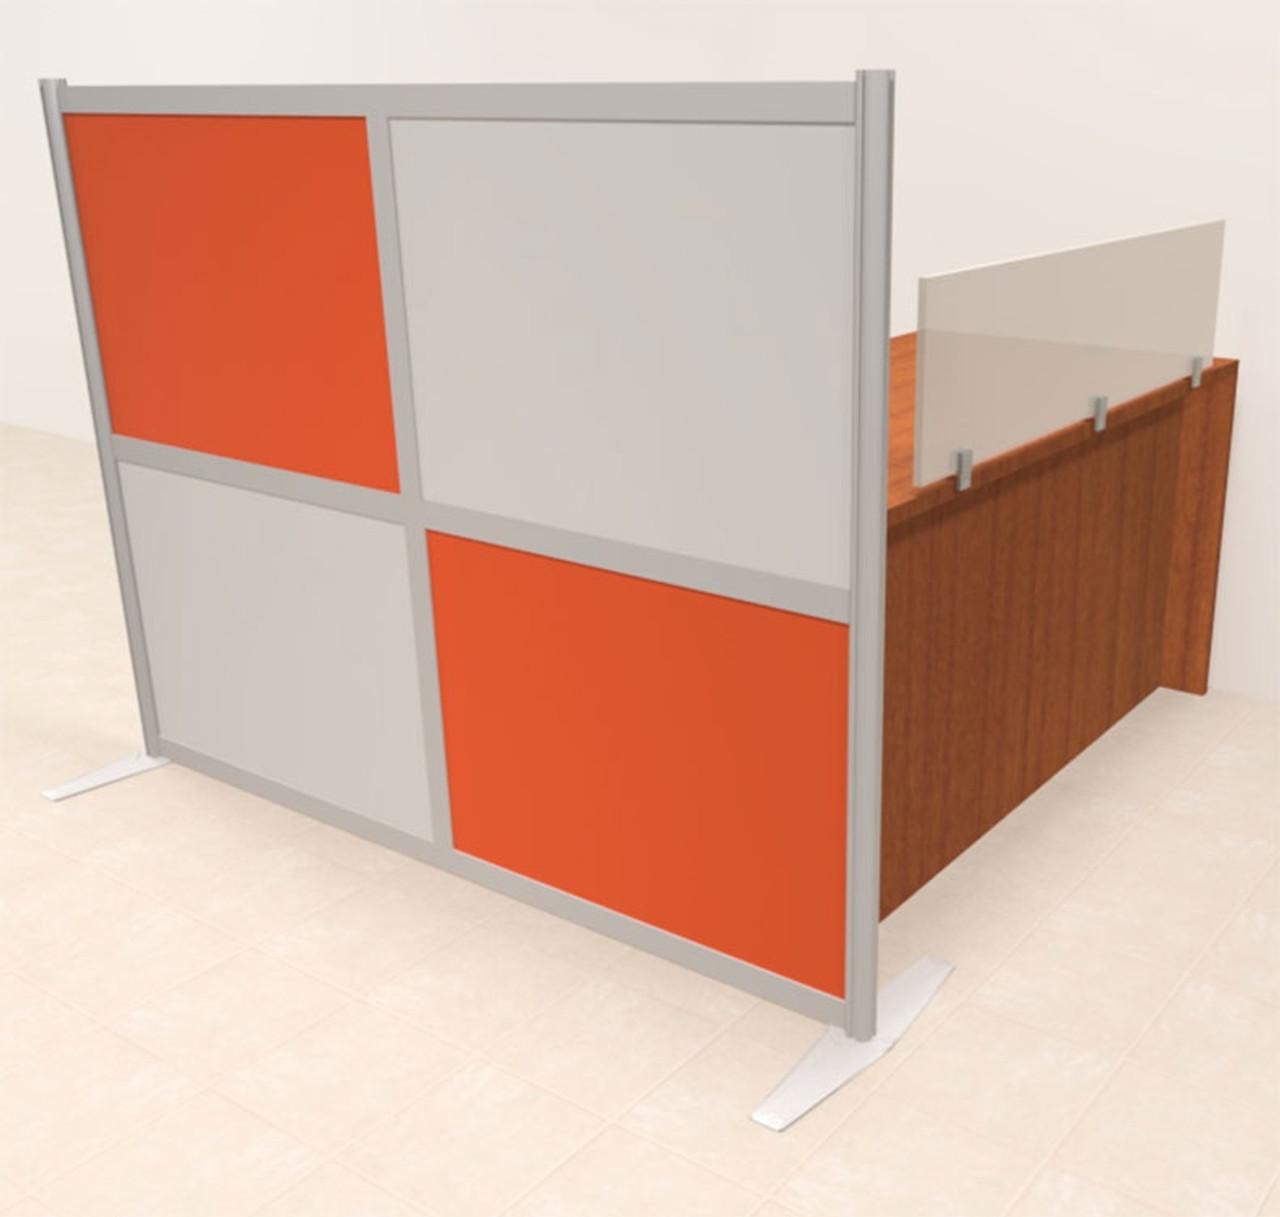 One Person Workstation w/Acrylic Aluminum Privacy Panel, #OT-SUL-HPO109